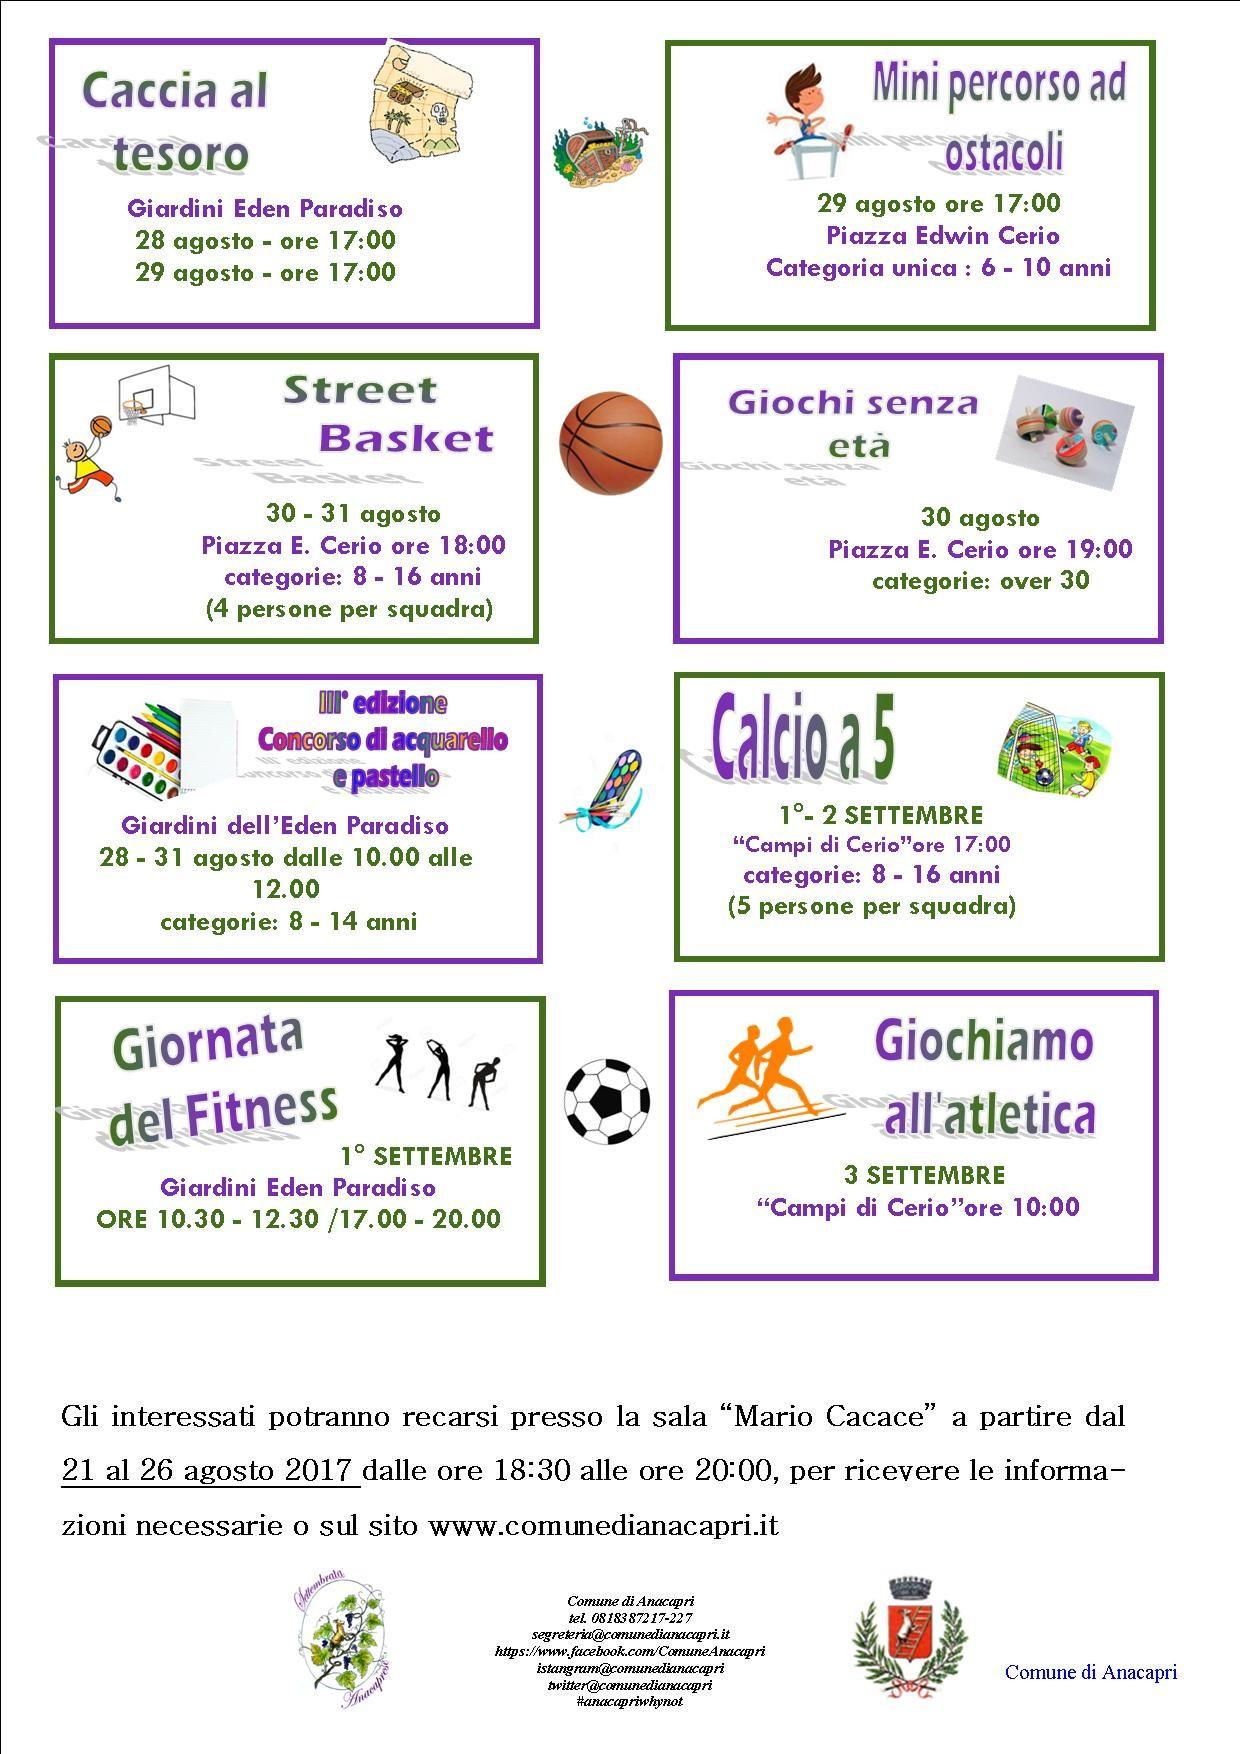 Settembrata Anacaprese 2017 - Iscrizioni attività sportive